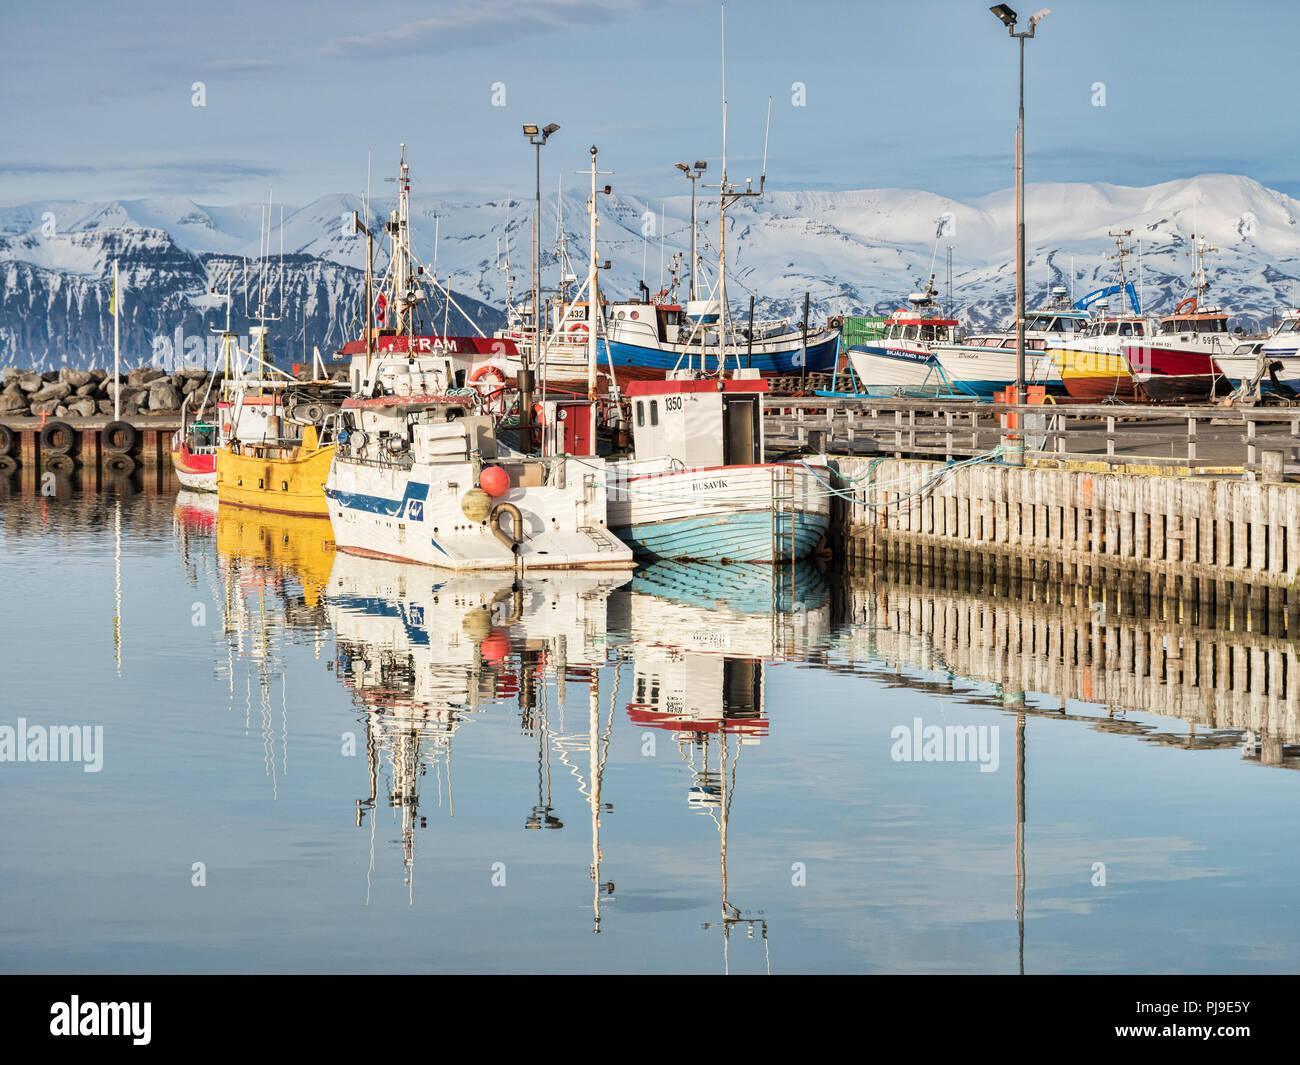 13 avril 2018: Husavik, Nord de l'Islande - bateaux de pêche dans le port par un beau jour de printemps. Photo Stock